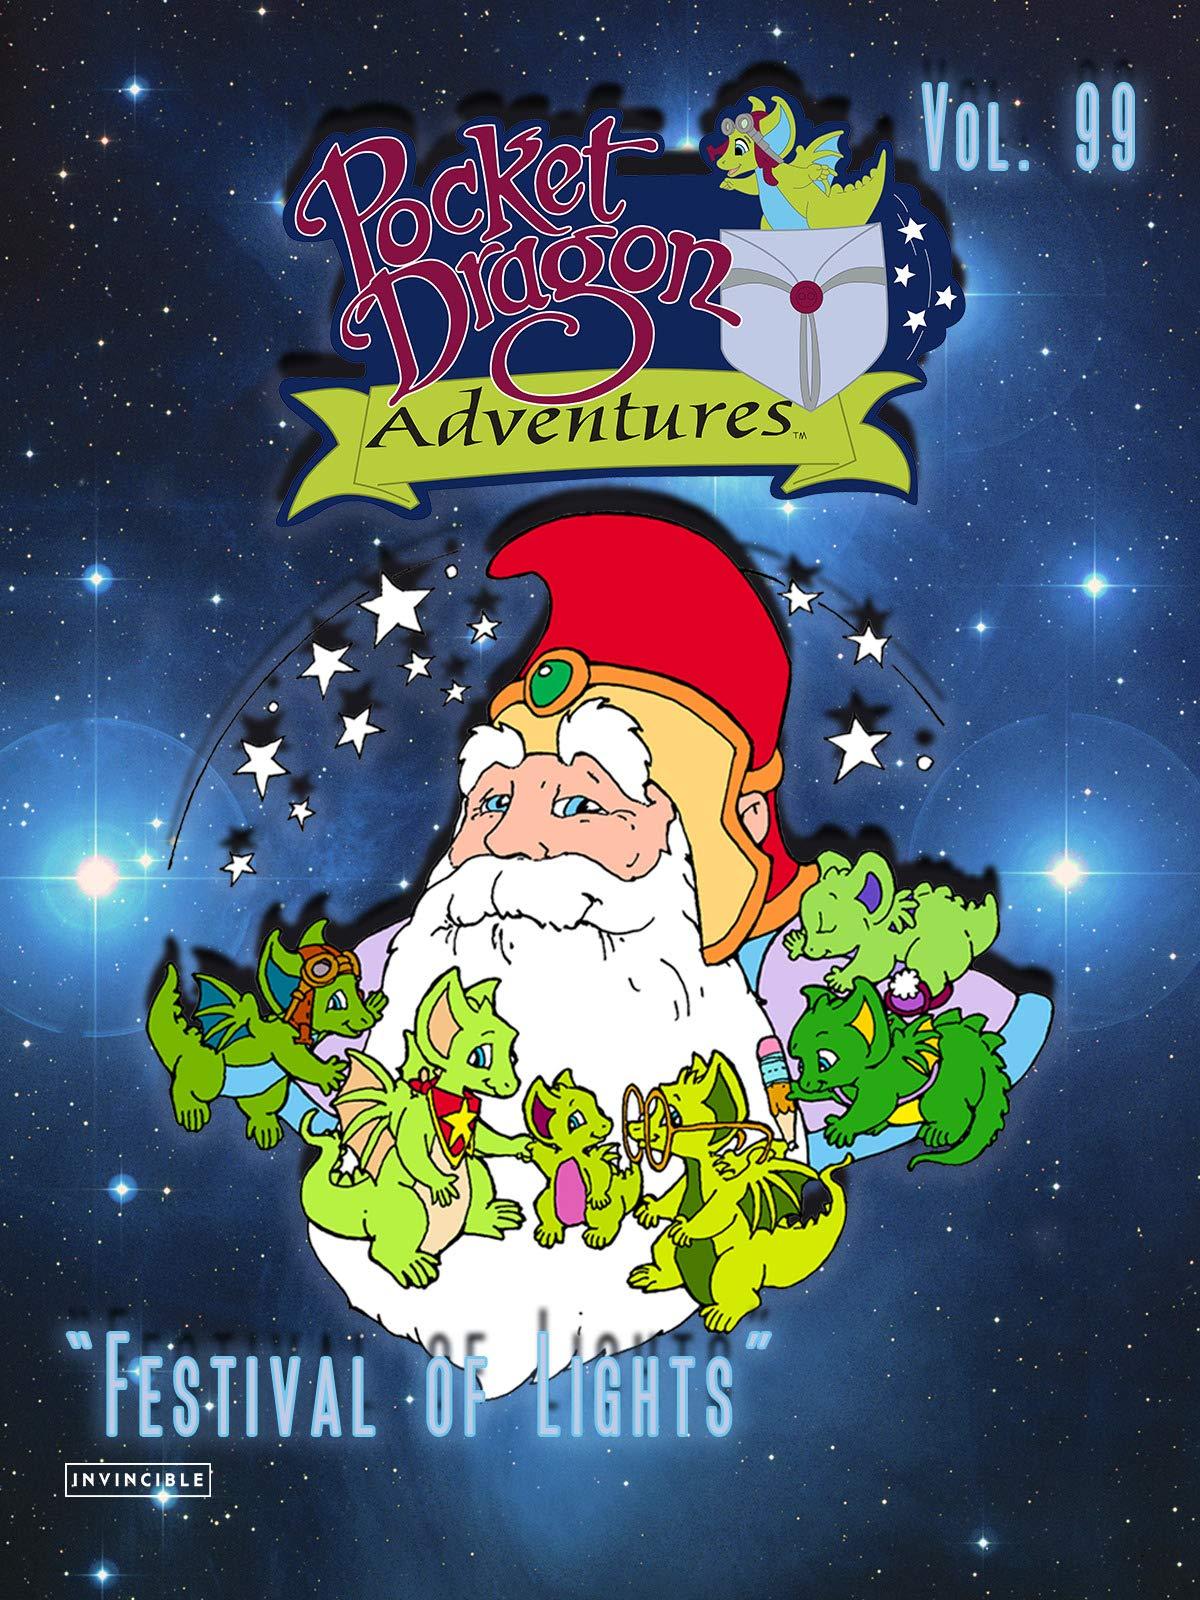 Pocket Dragon Adventures Vol. 99Festival of Lights